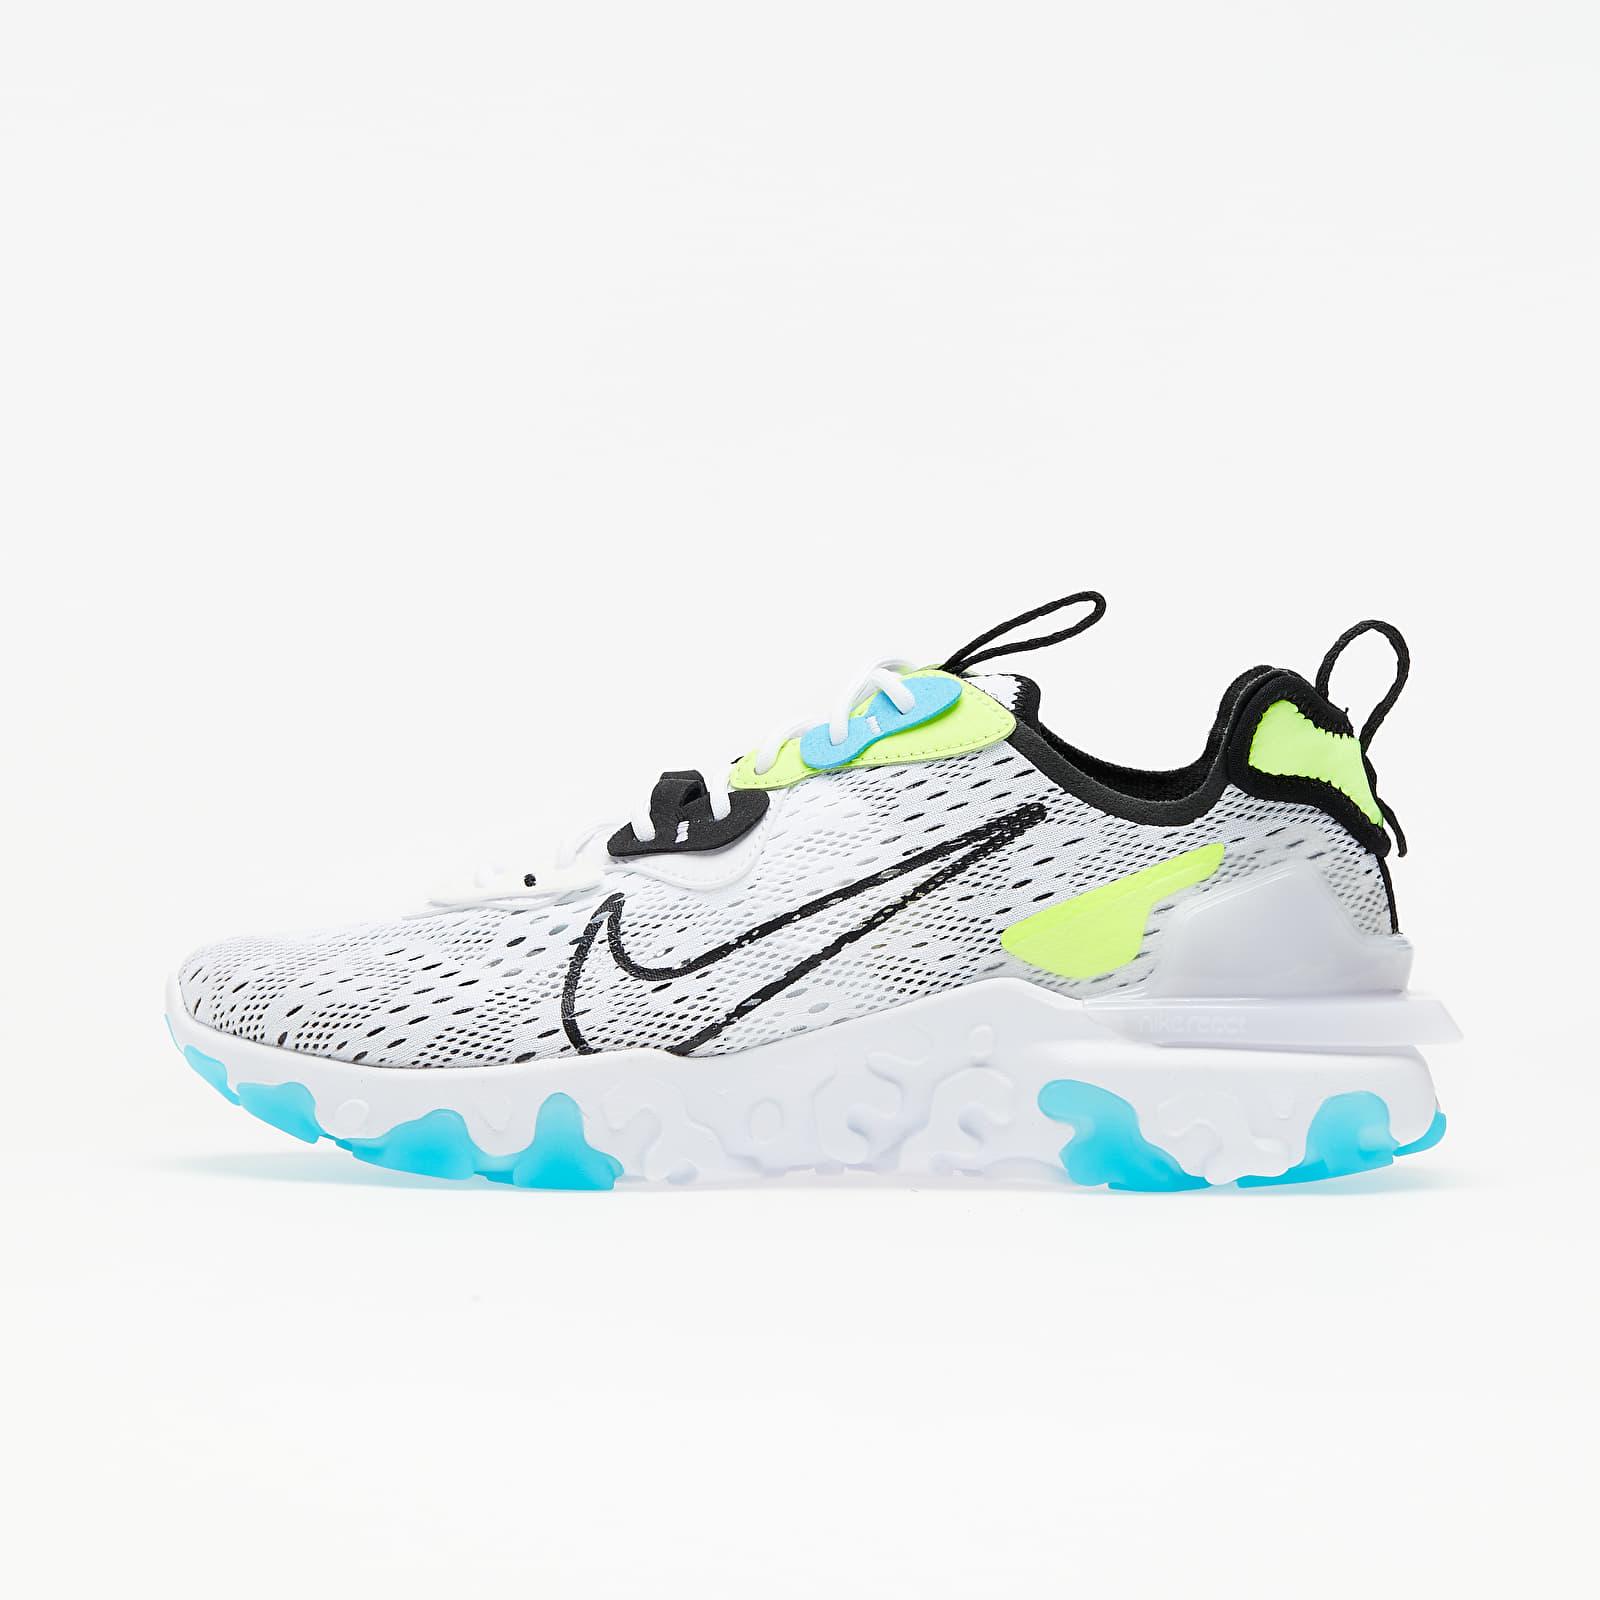 Încălțăminte și sneakerși pentru bărbați Nike React Vision White/ Black-Volt-Blue Fury